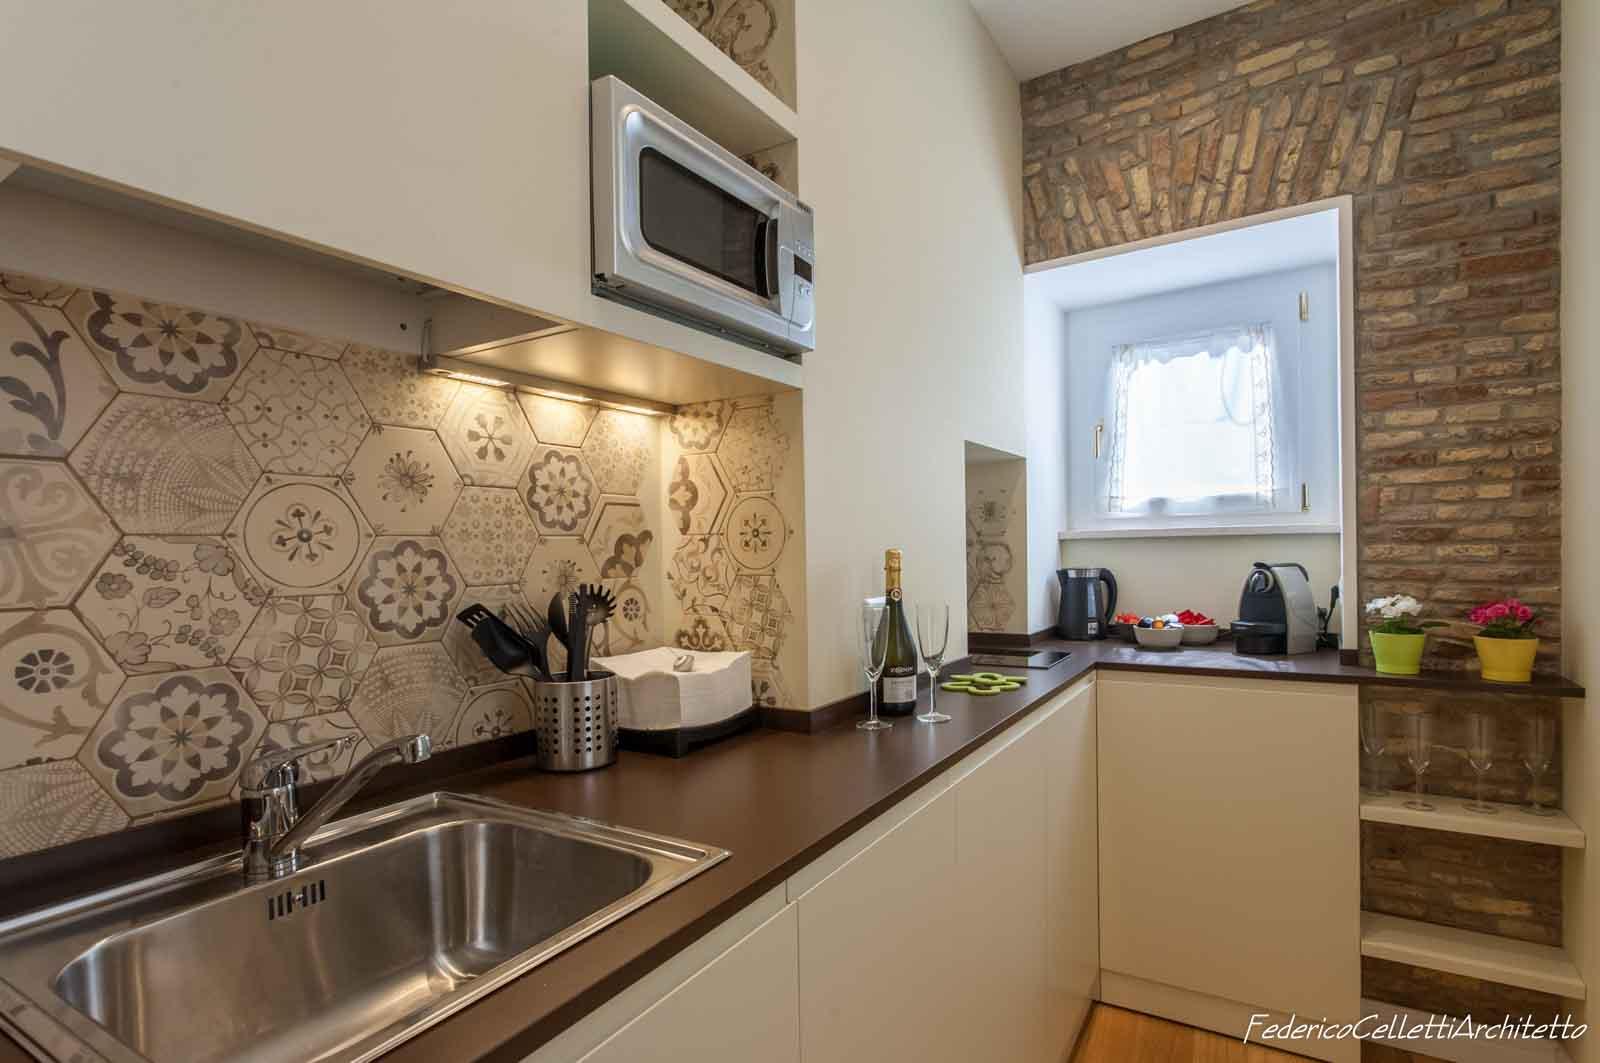 Great duinterni progetti interior design bub e attivit - Architetto interni milano ...